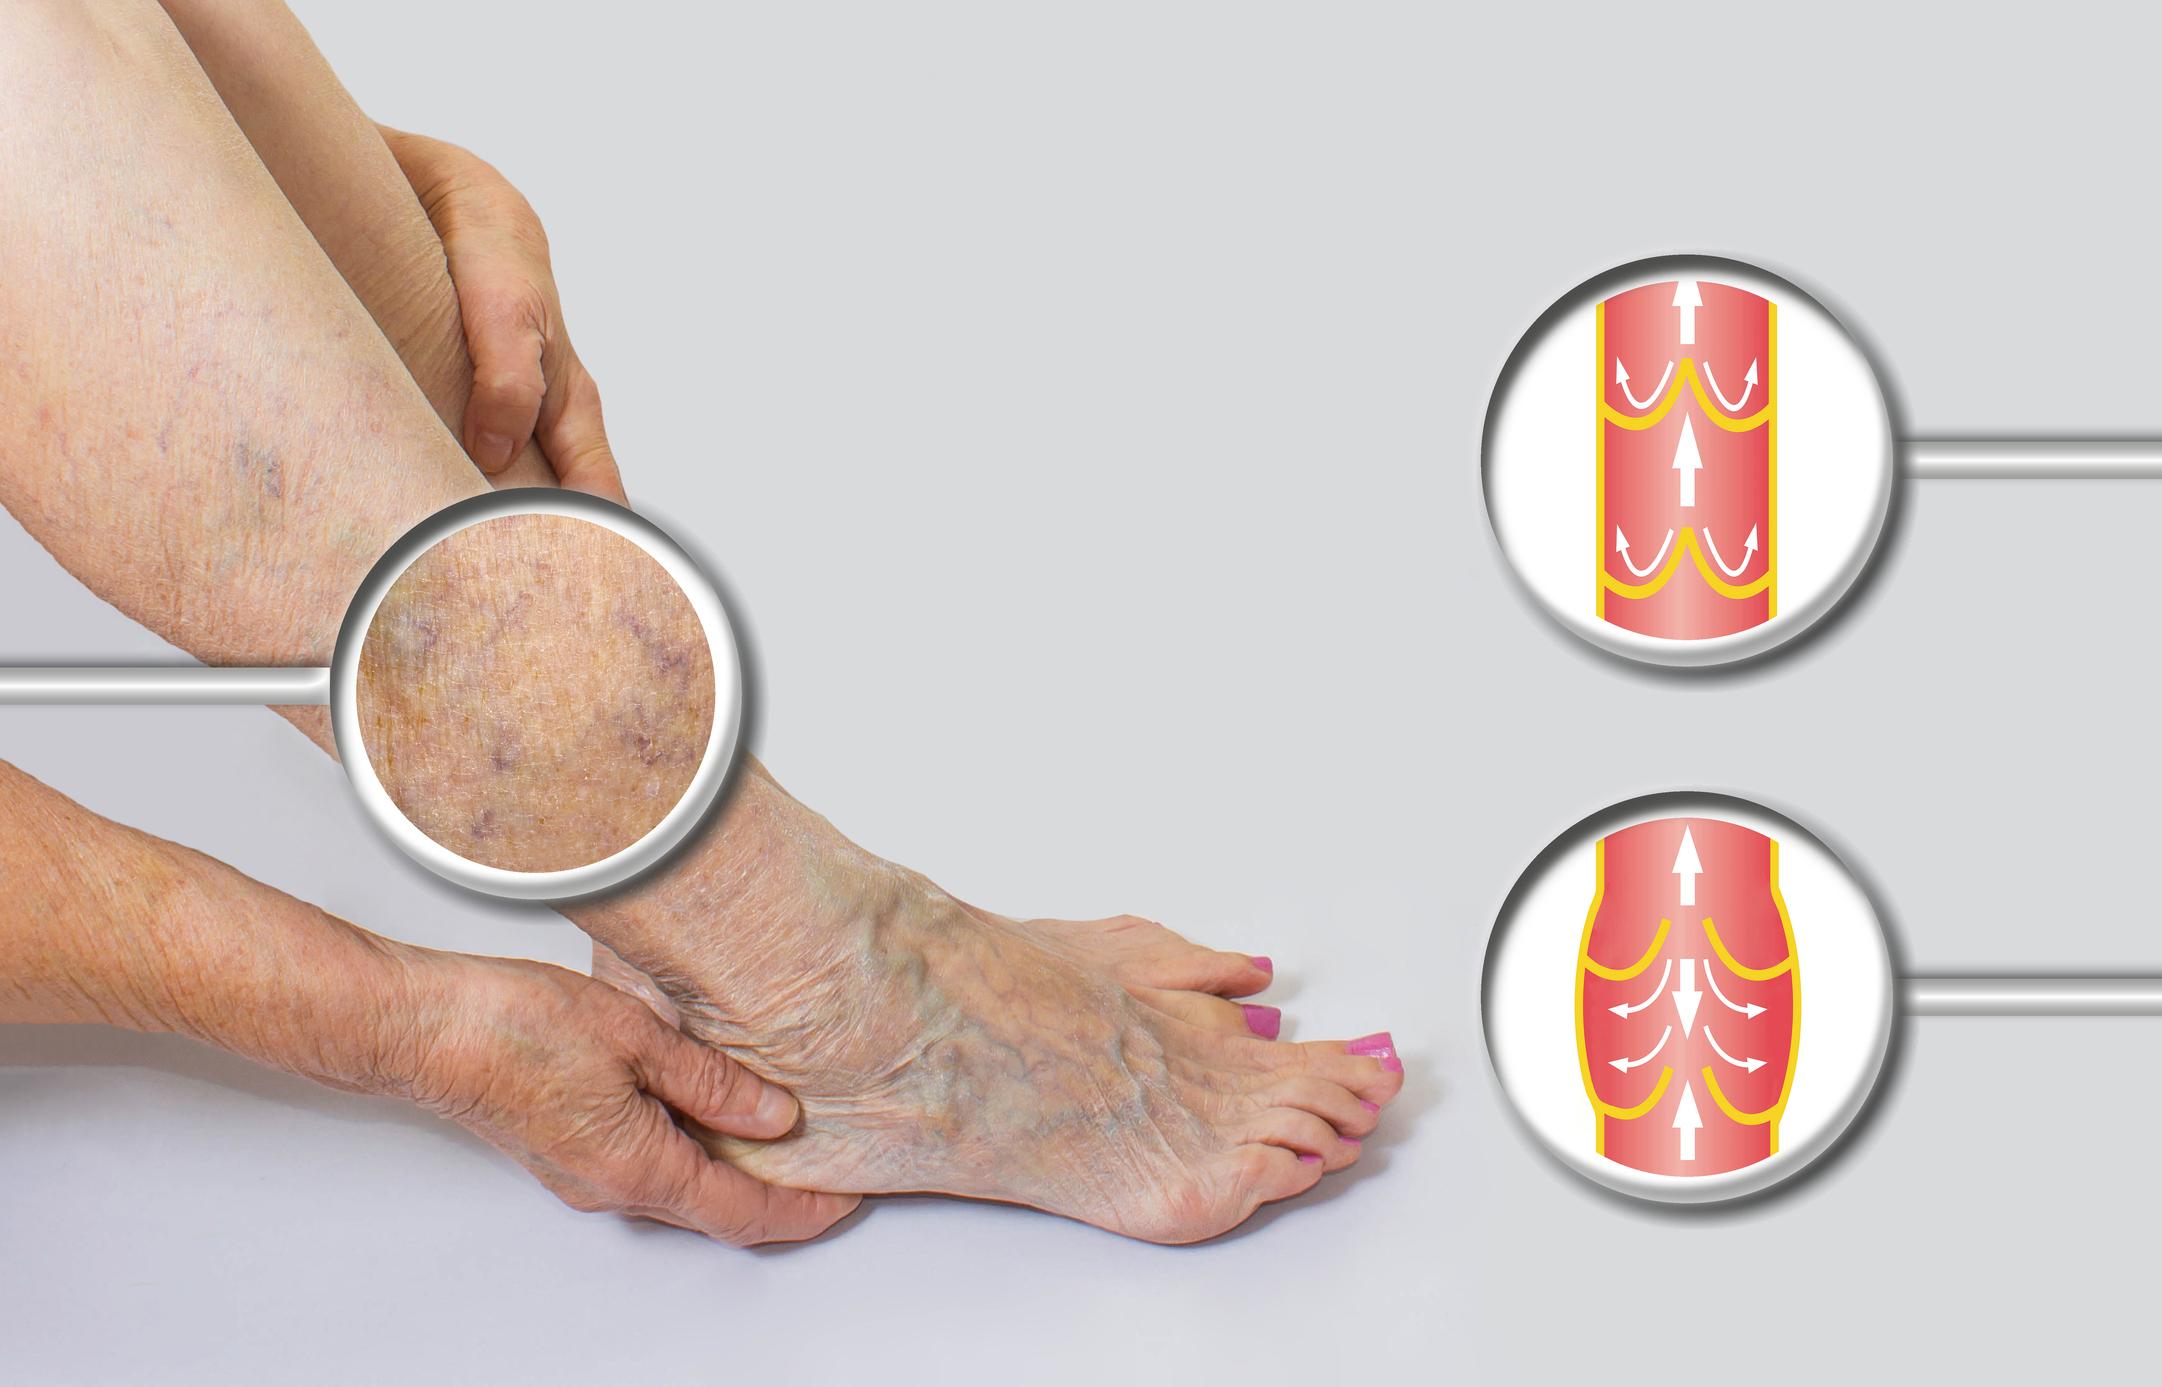 prevenirea exercițiilor varicoase varicoase concepție și varicoză de pelvis mici